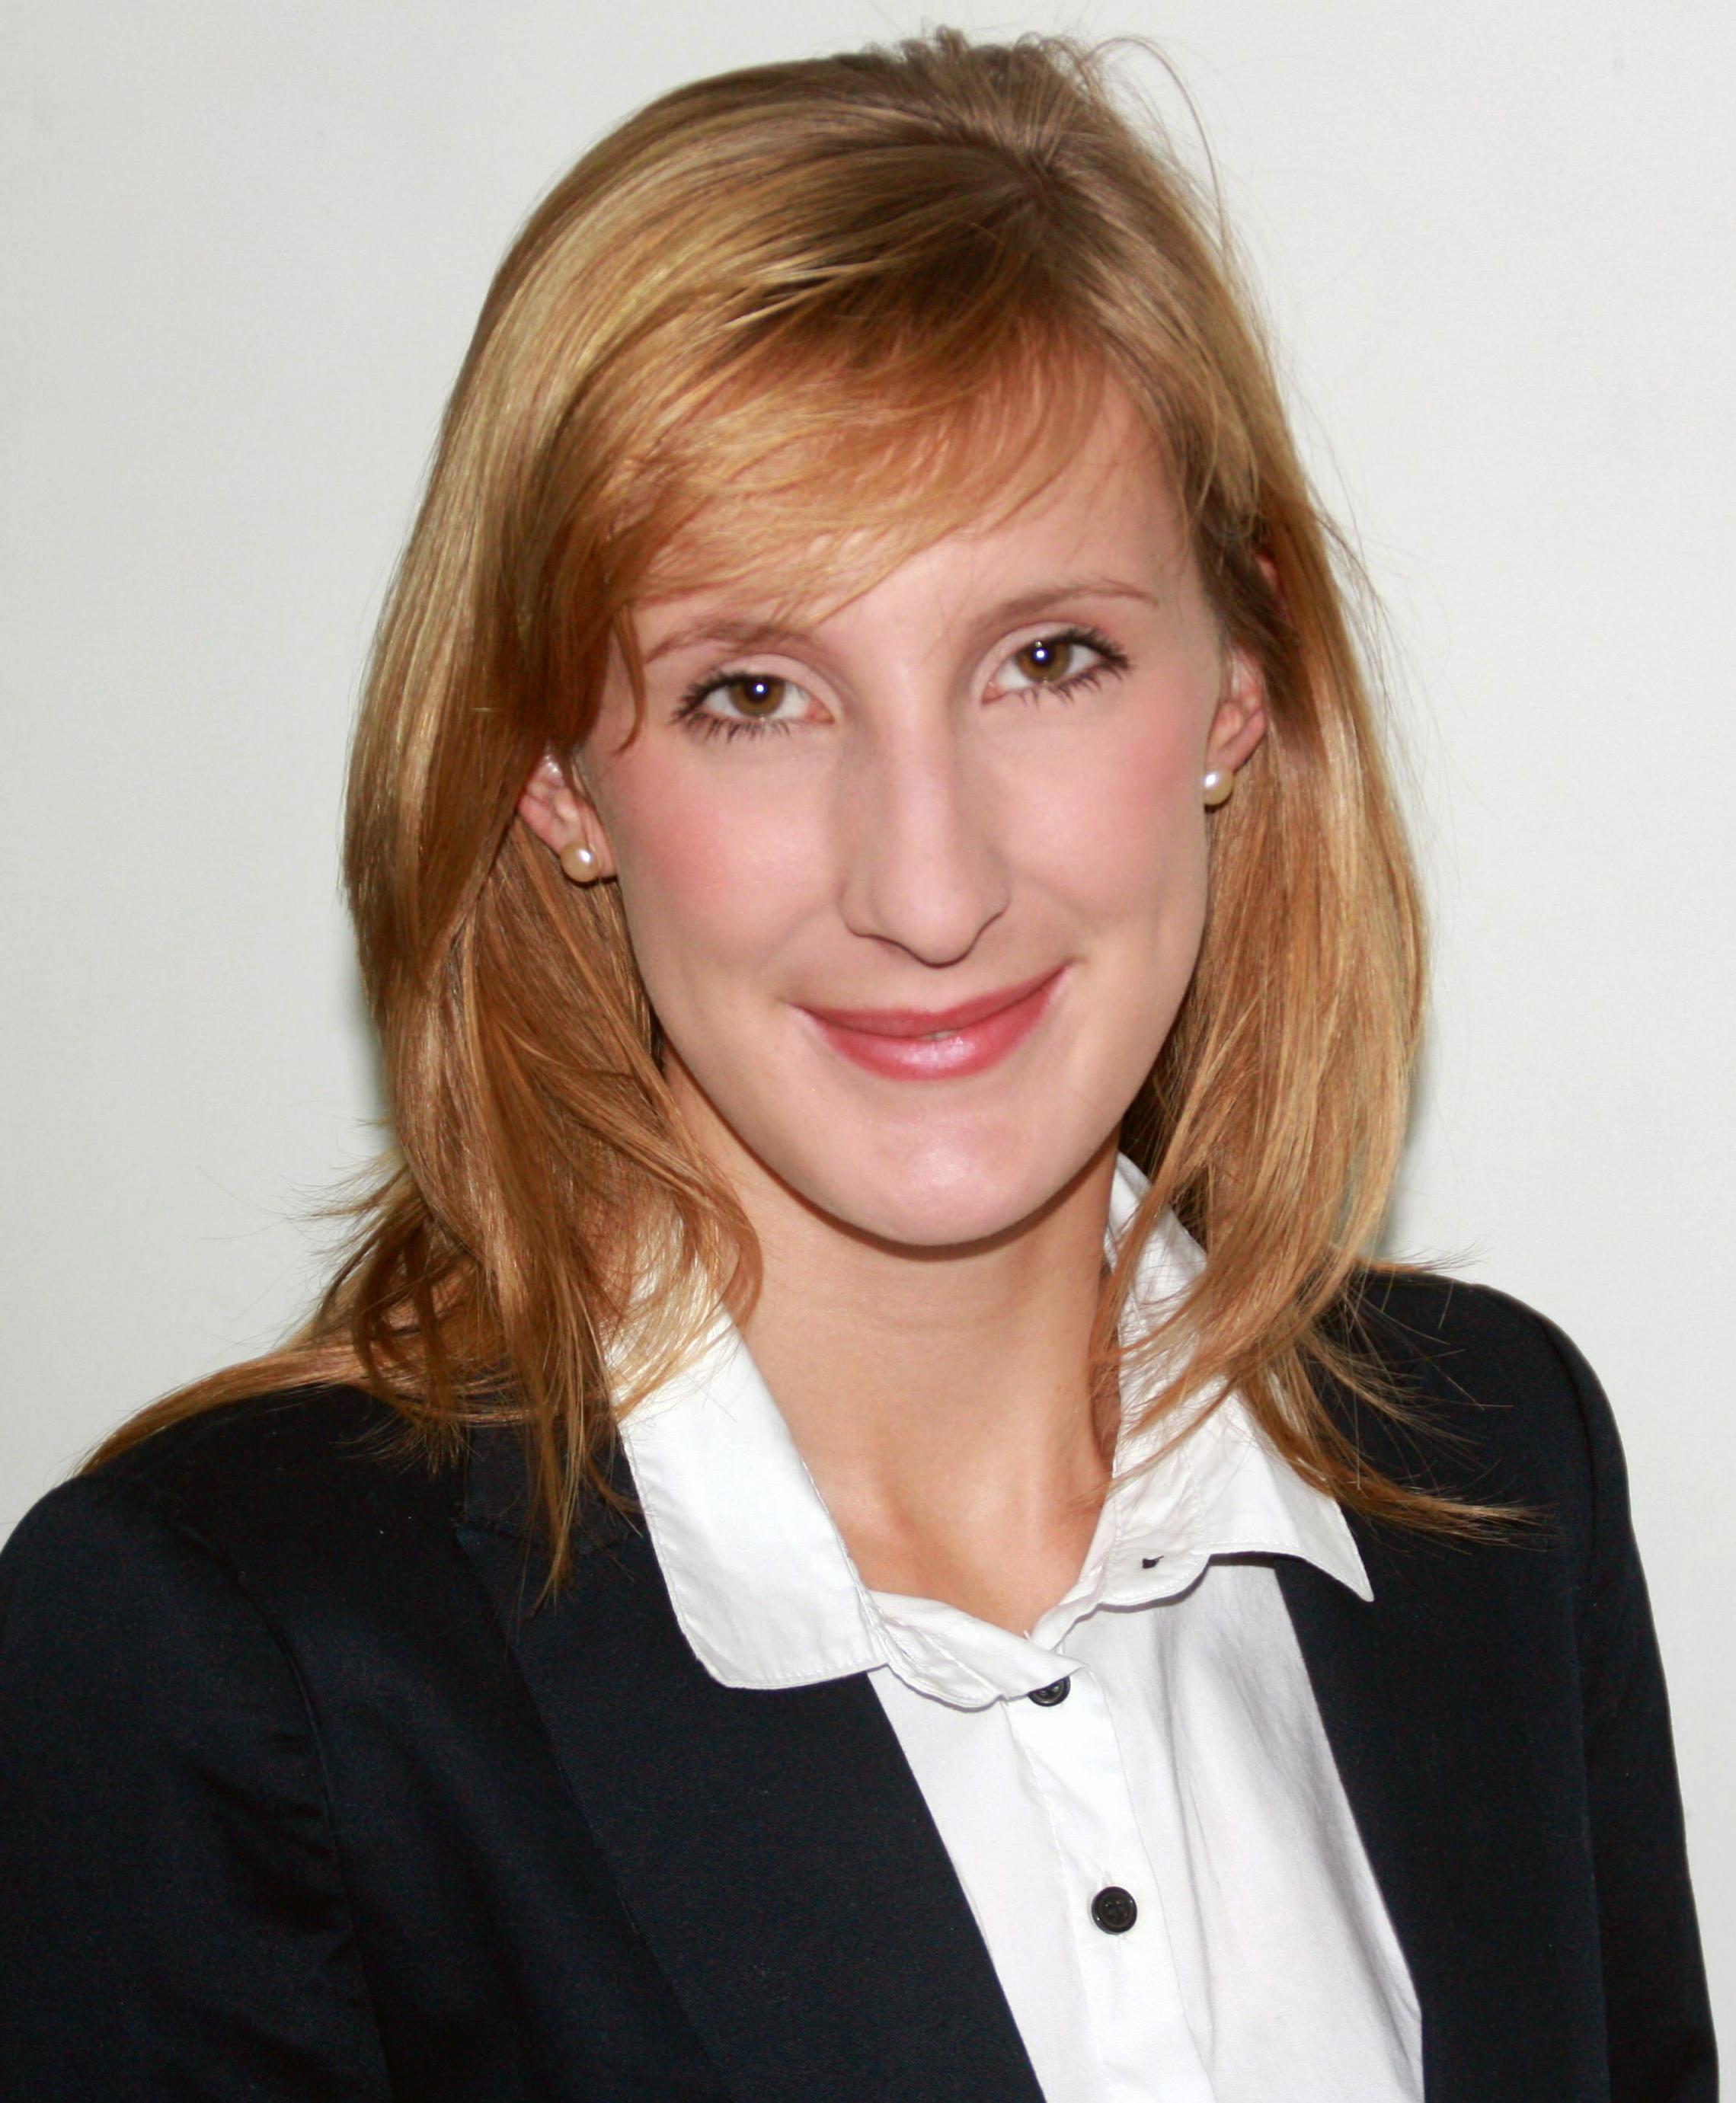 Anne Limper-Menapace erhielt an der Universität de La Sabana in Kolumbien eine Auszeichnung als Beste ihres Jahrgangs. (Foto: FH Münster/privat)